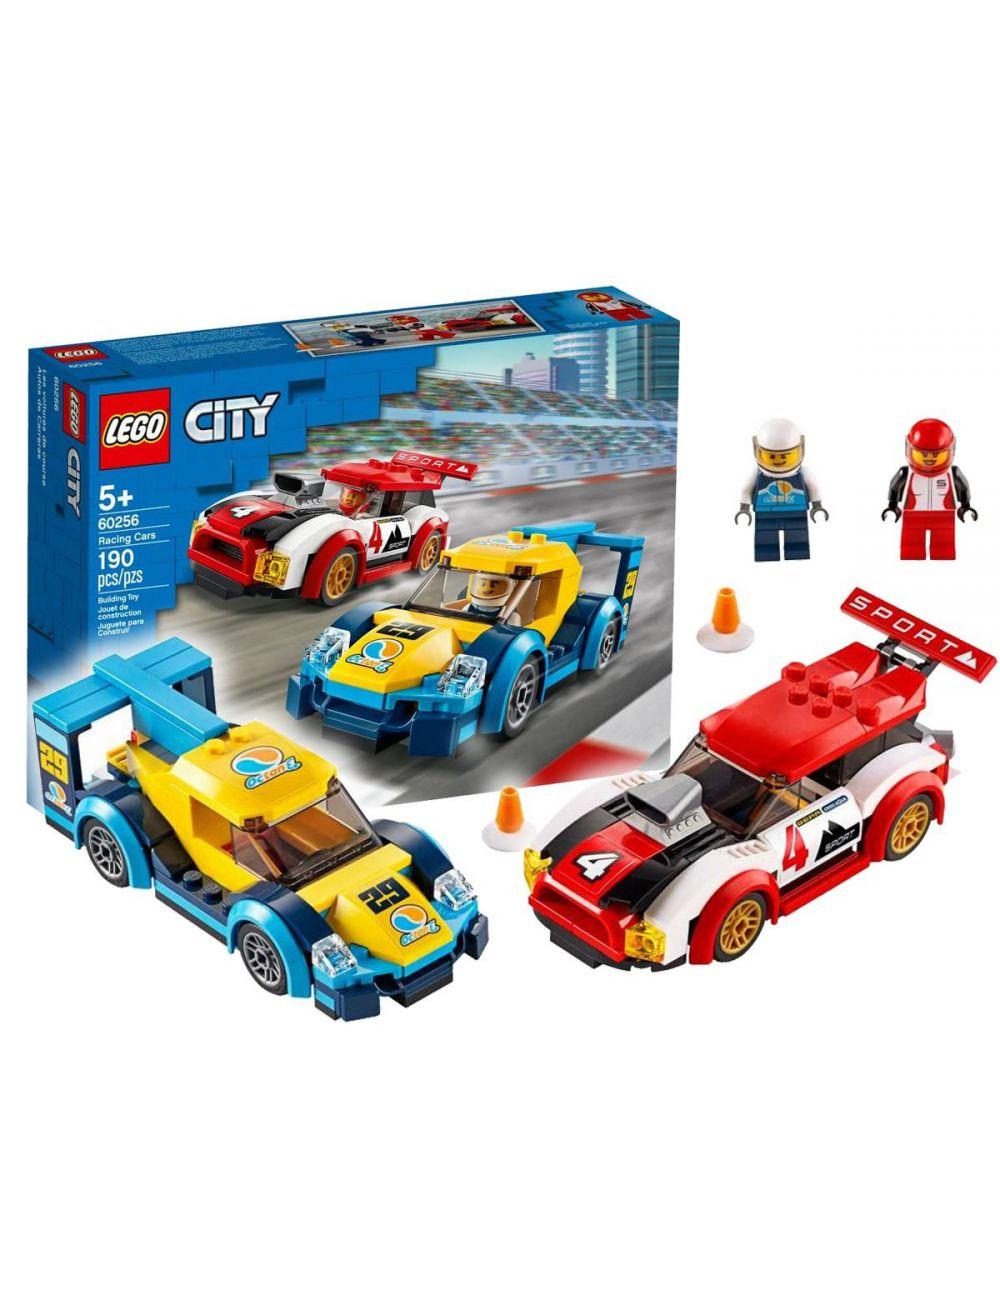 LEGO City Samochody Wyścigowe 60256